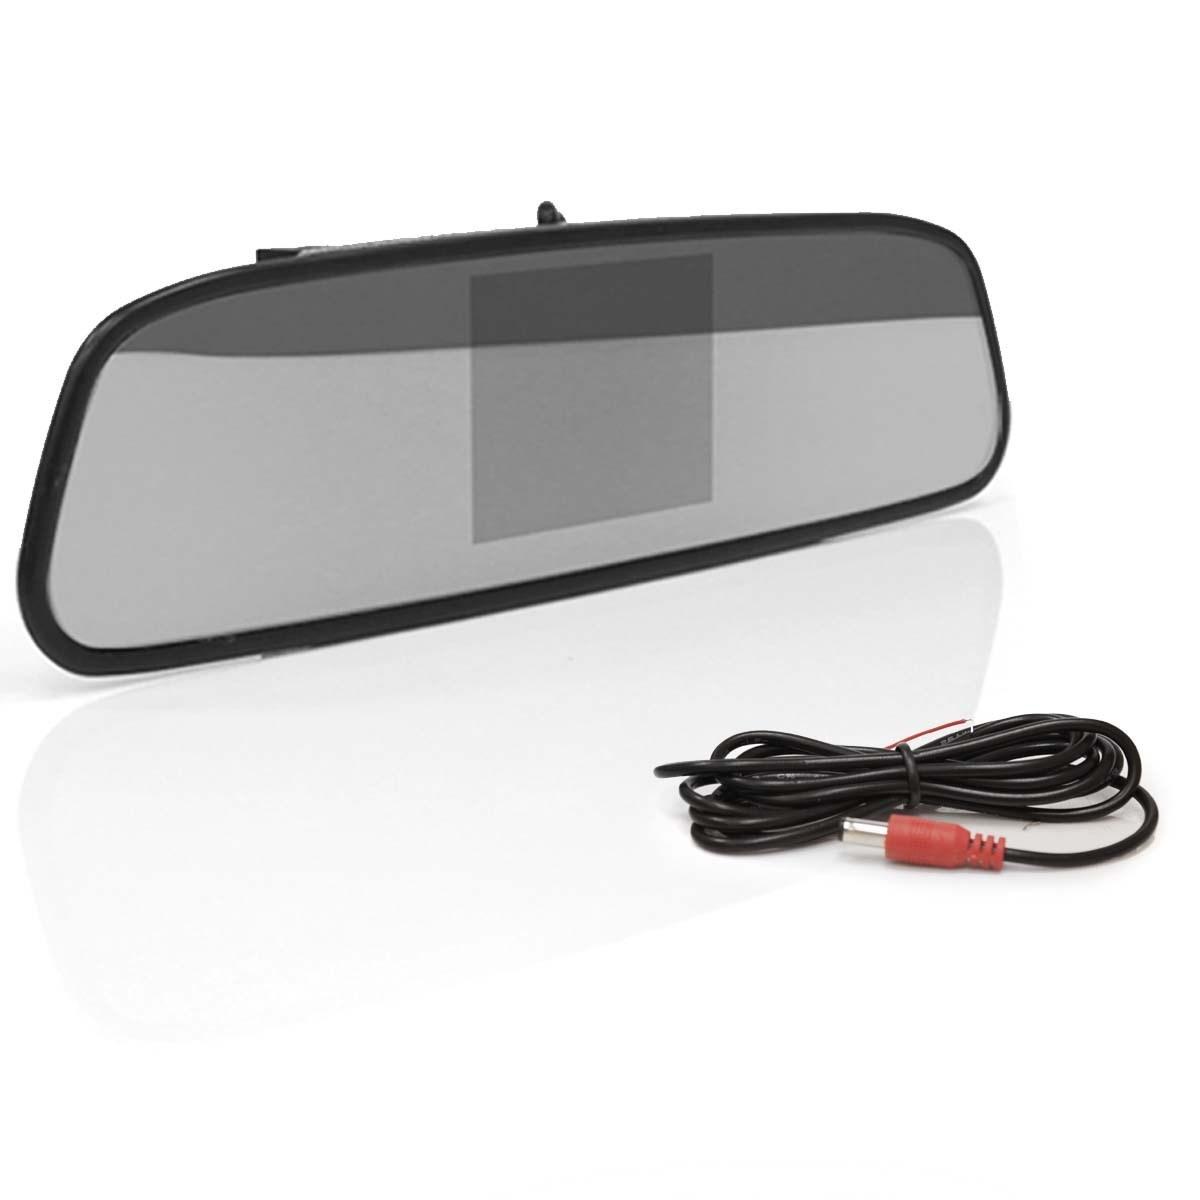 Kit Espelho Retrovisor c/ Monitor Tela LCD 4.3 + Câmera Ré + Sensor Estacionamento AV